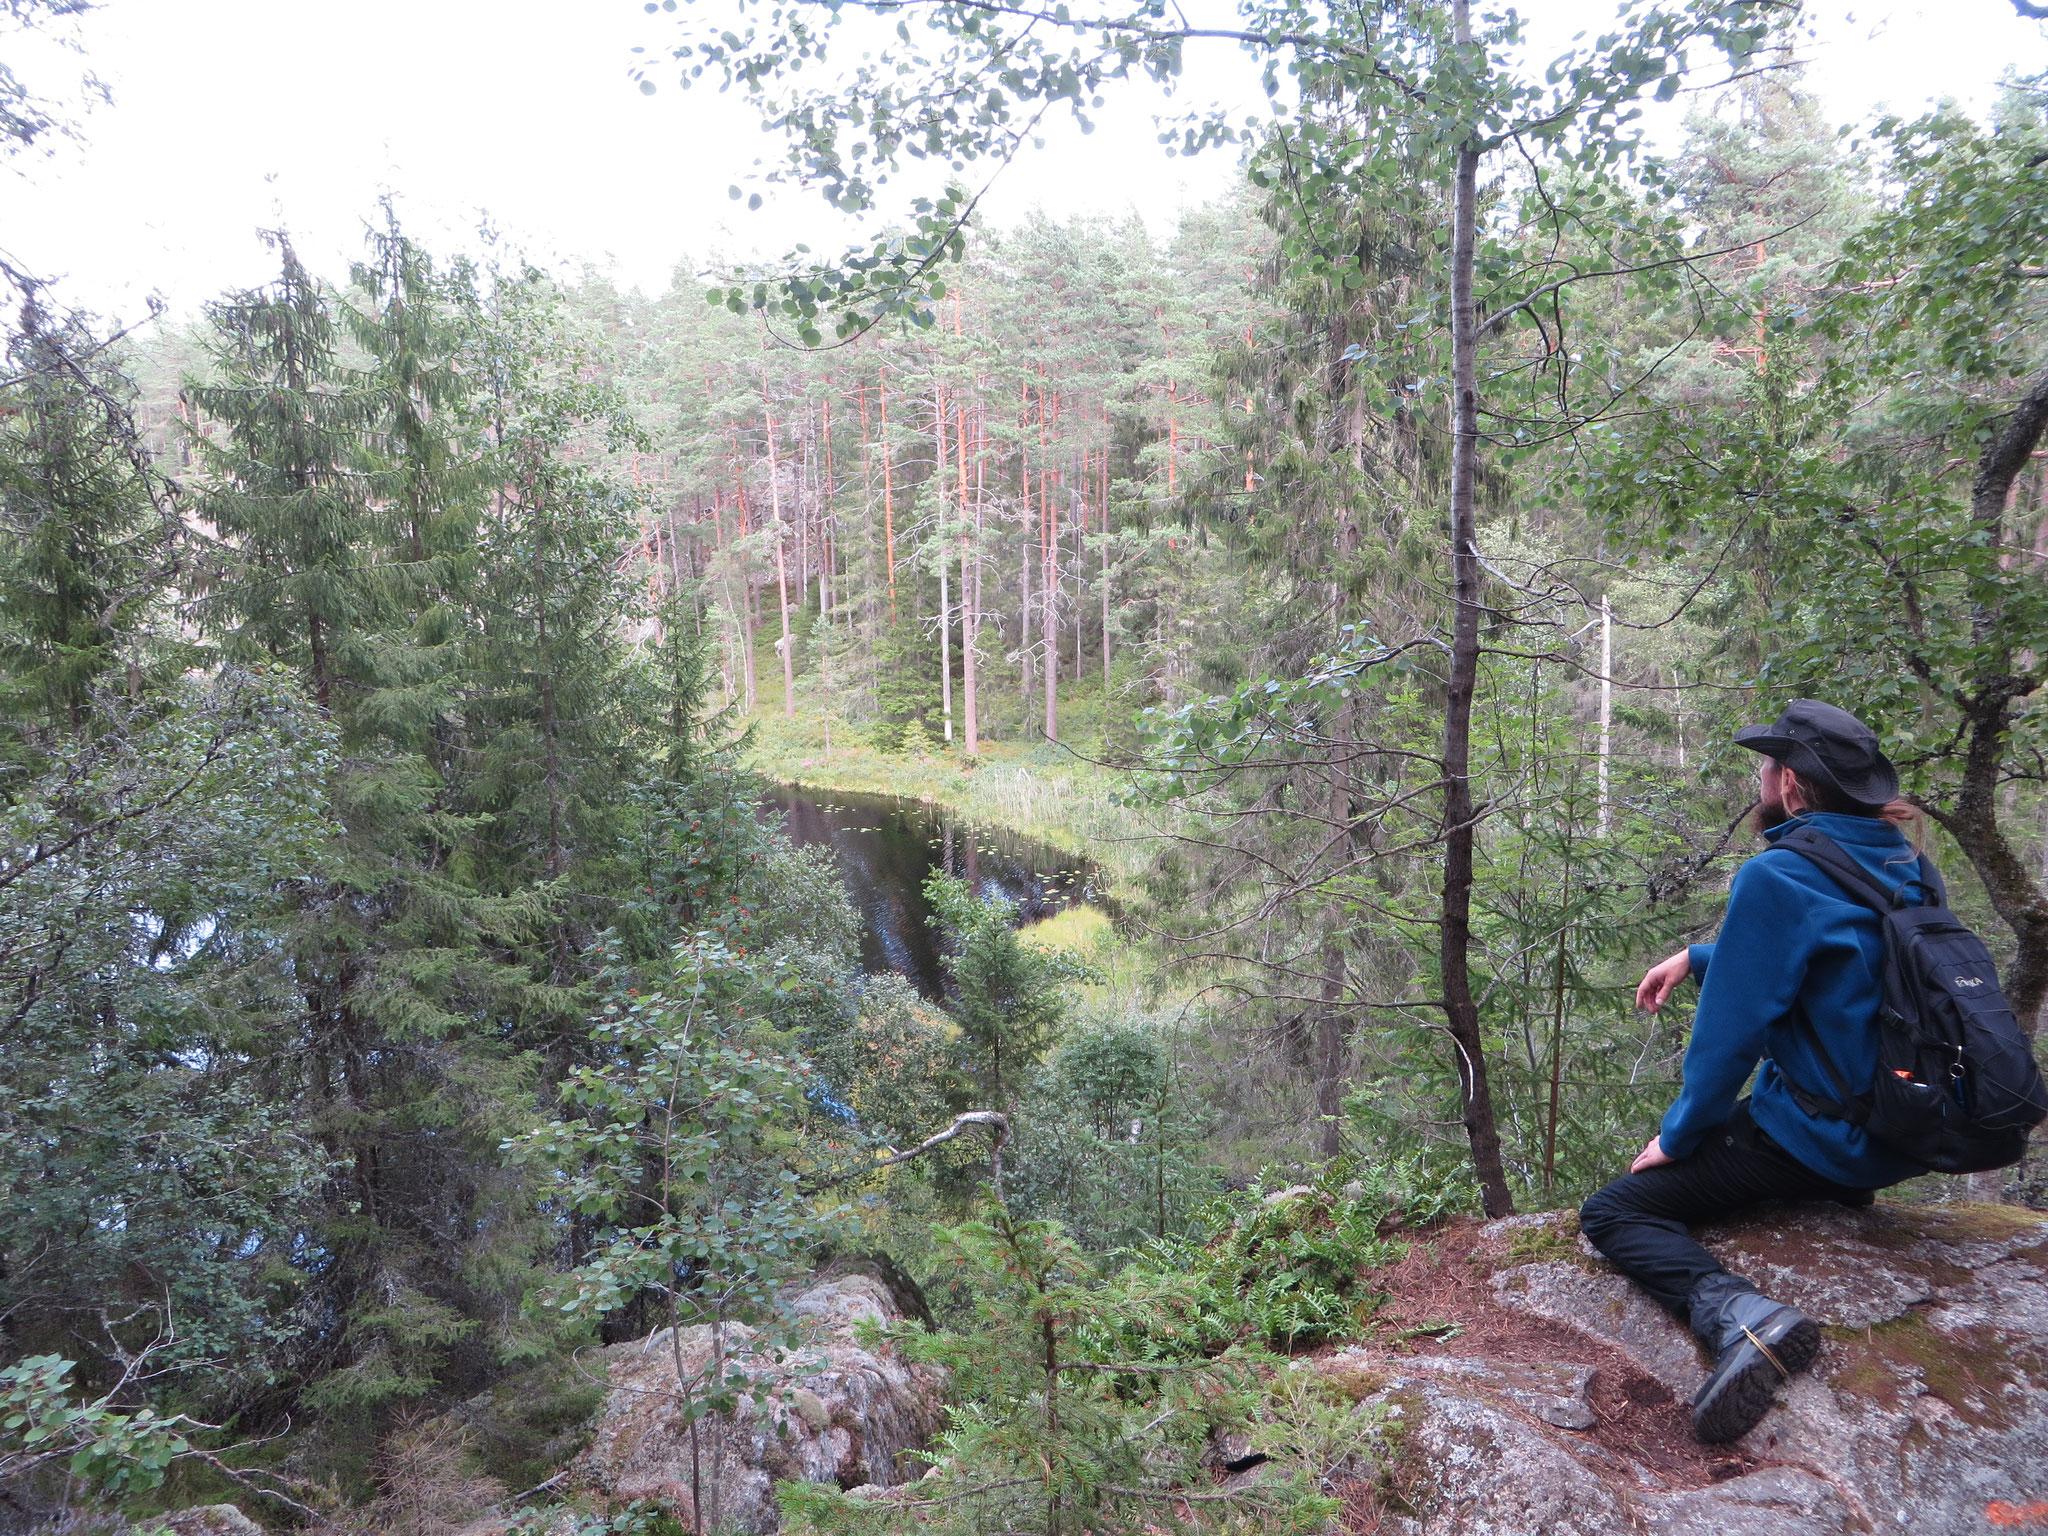 Schwarzwald mit Kiefern? Nein, Tiveden, Schweden 2019